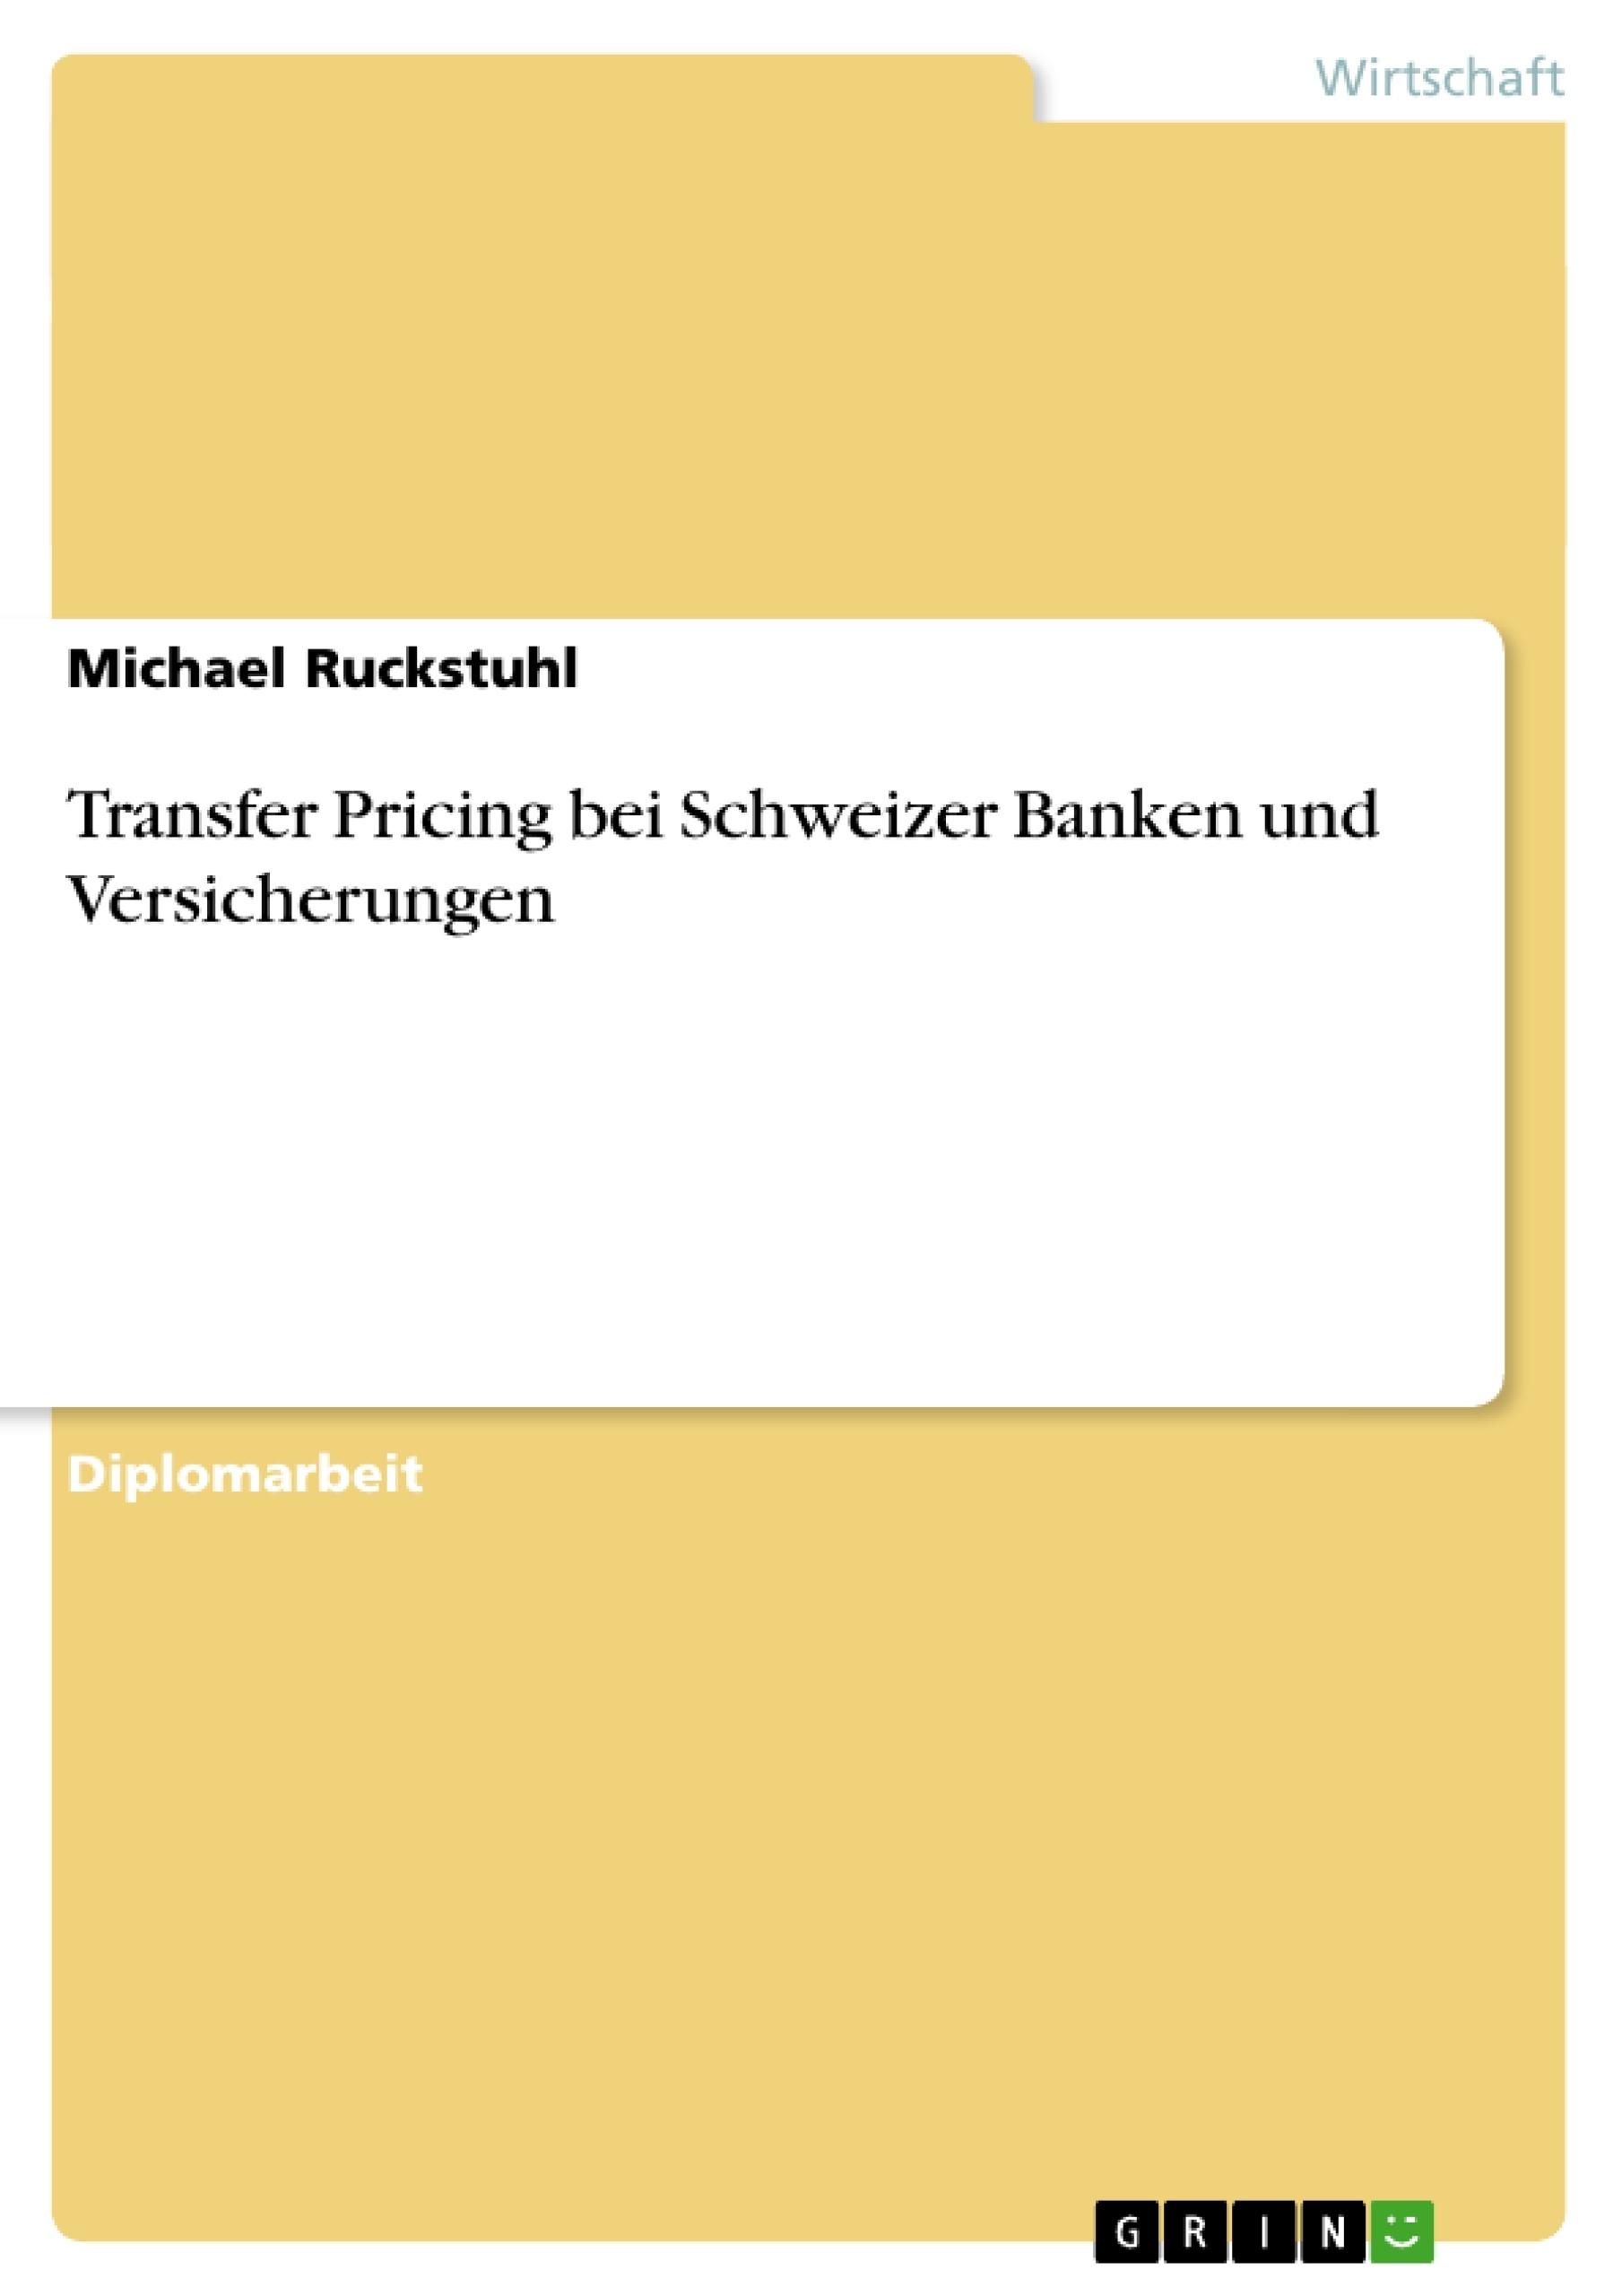 Titel: Transfer Pricing bei Schweizer Banken und Versicherungen